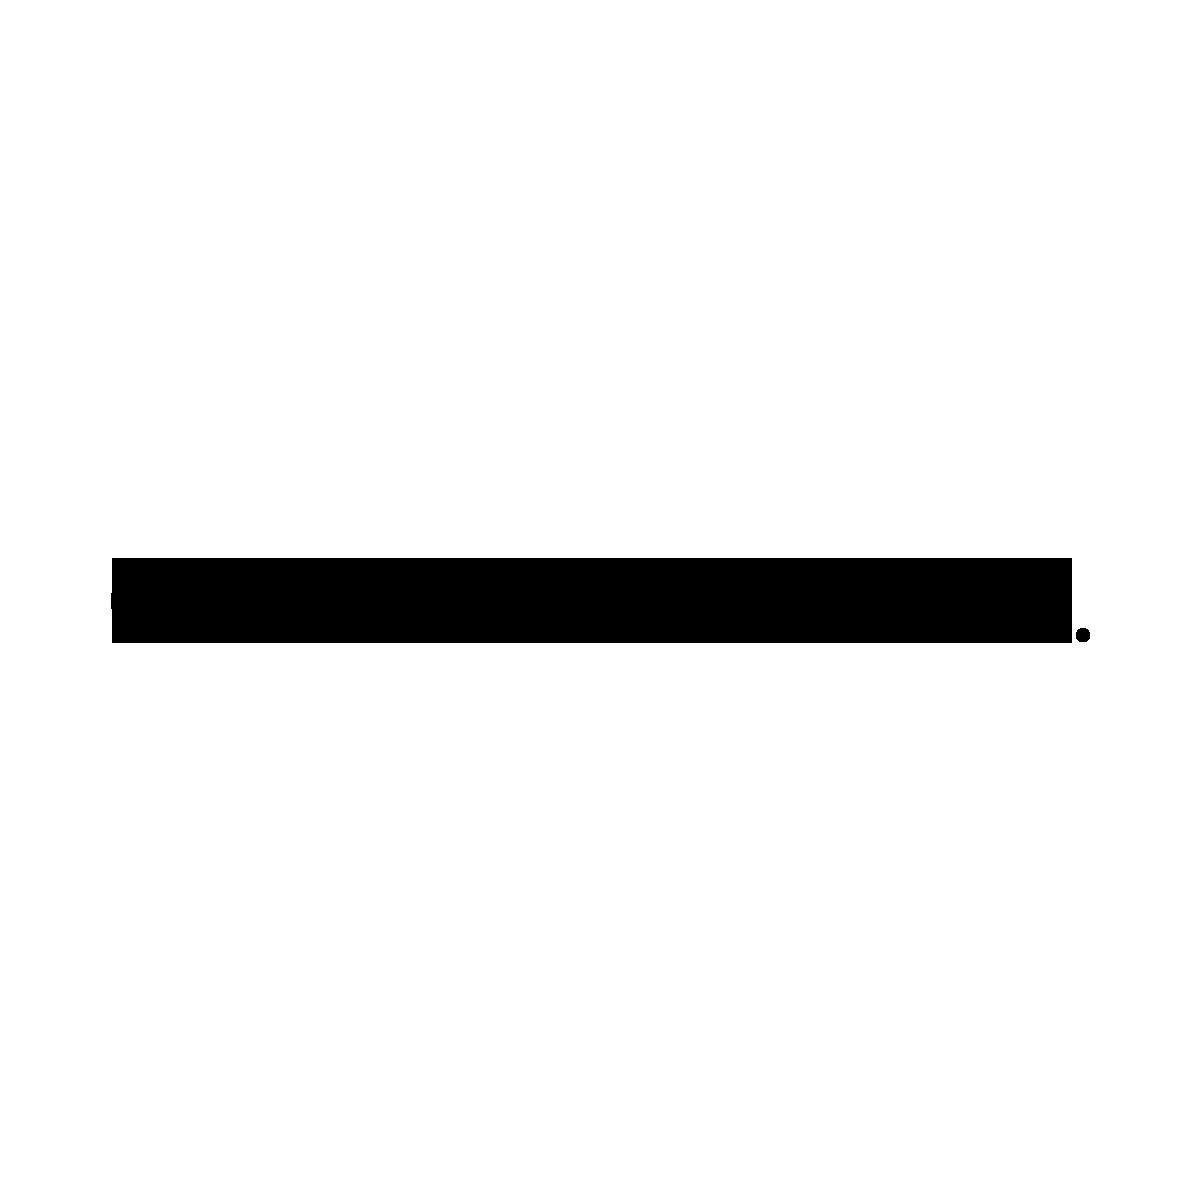 Sandaal-met-kurken-voetbed-glad-leer-donkerbruin